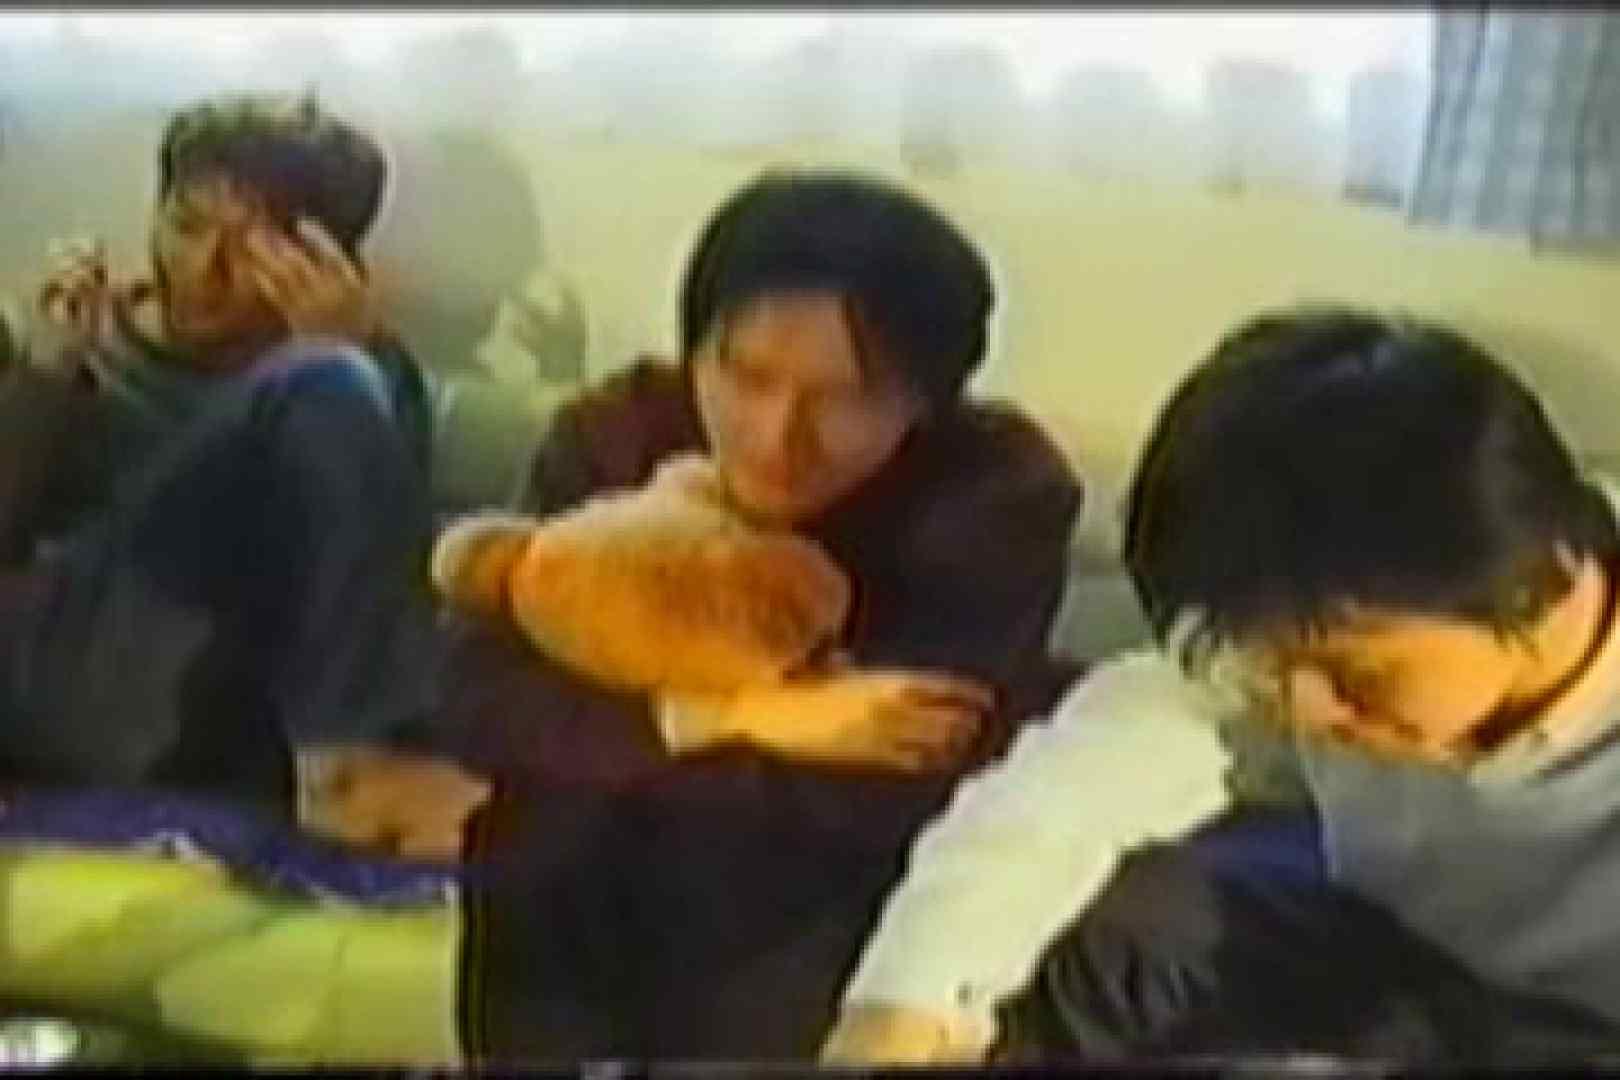 【流出】若者たちの集い 企画  85pic 81